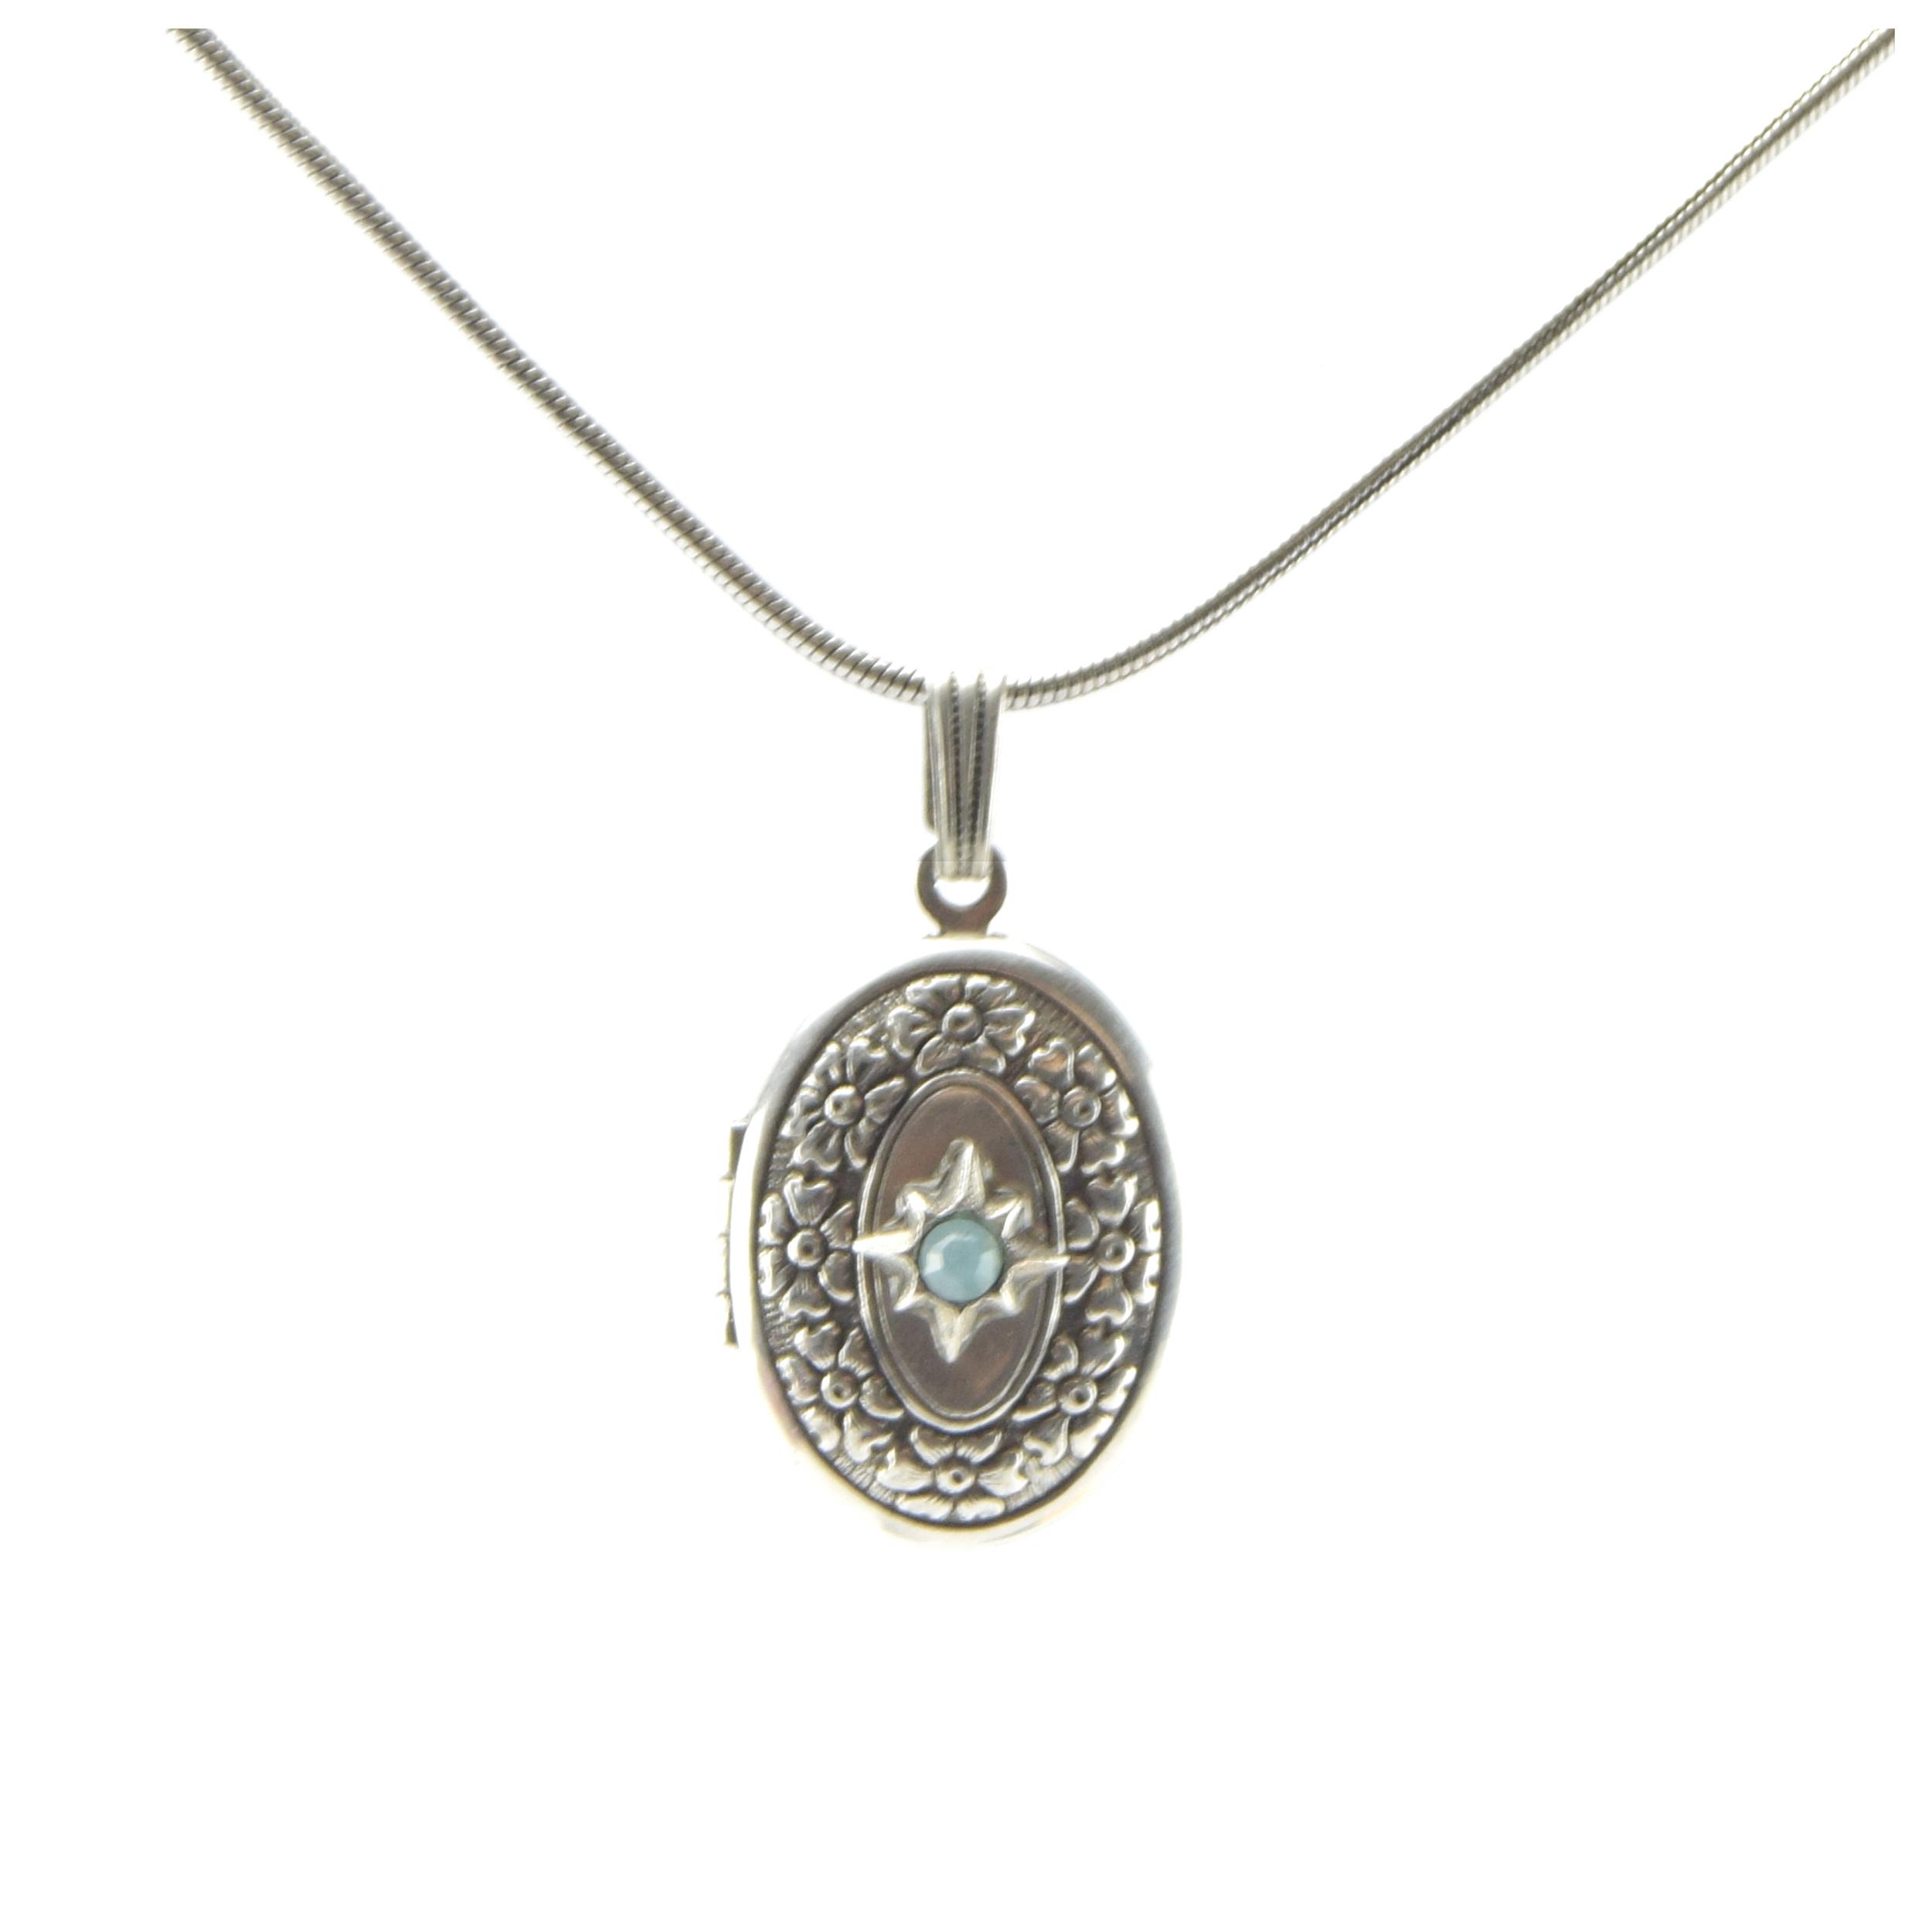 Collier artisanal \'Médicis\' turquoise argenté (cassolette) - 22x16 cm - [R0725]